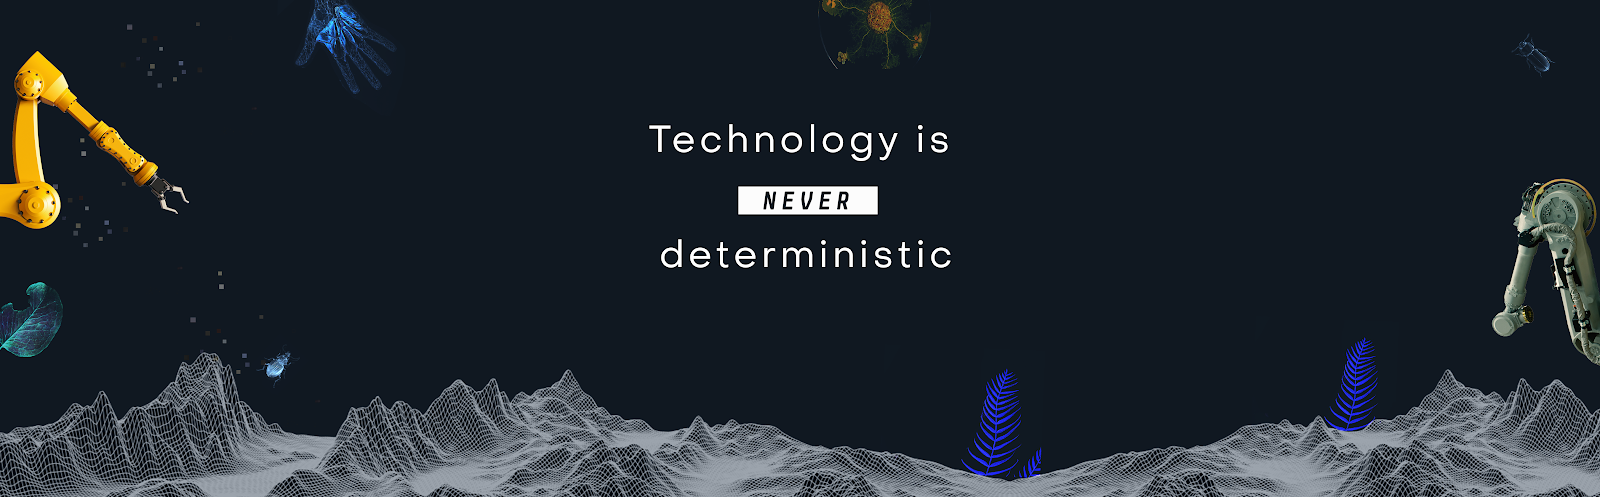 De toekomst ligt niet in steen.